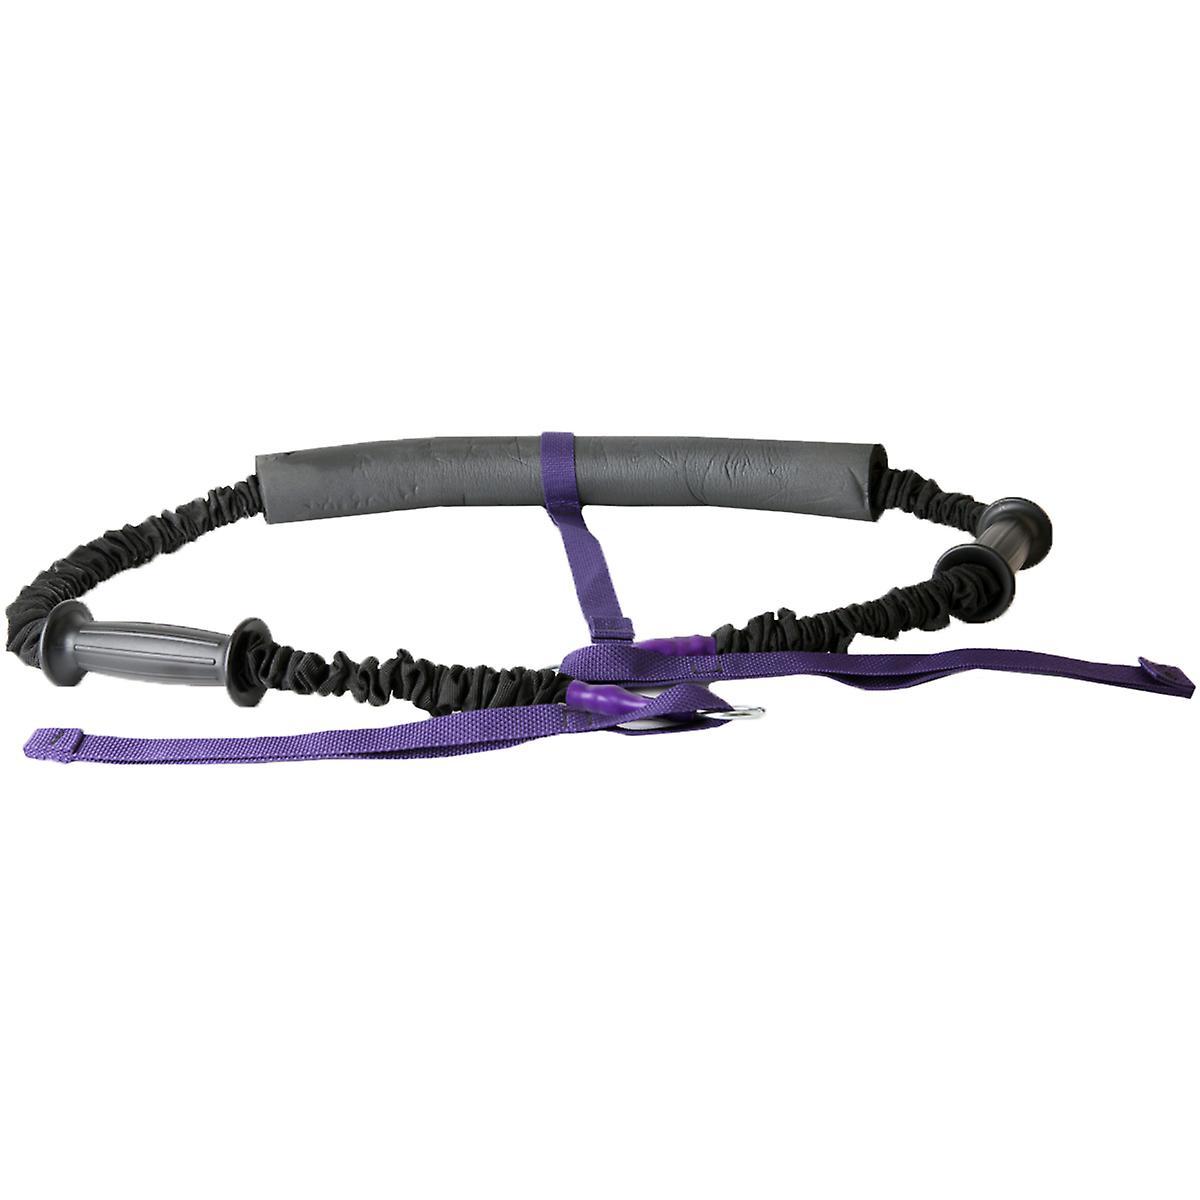 Stroops 60& 034; Core Slastix - très légère résistance (6-10 lbs) - violet